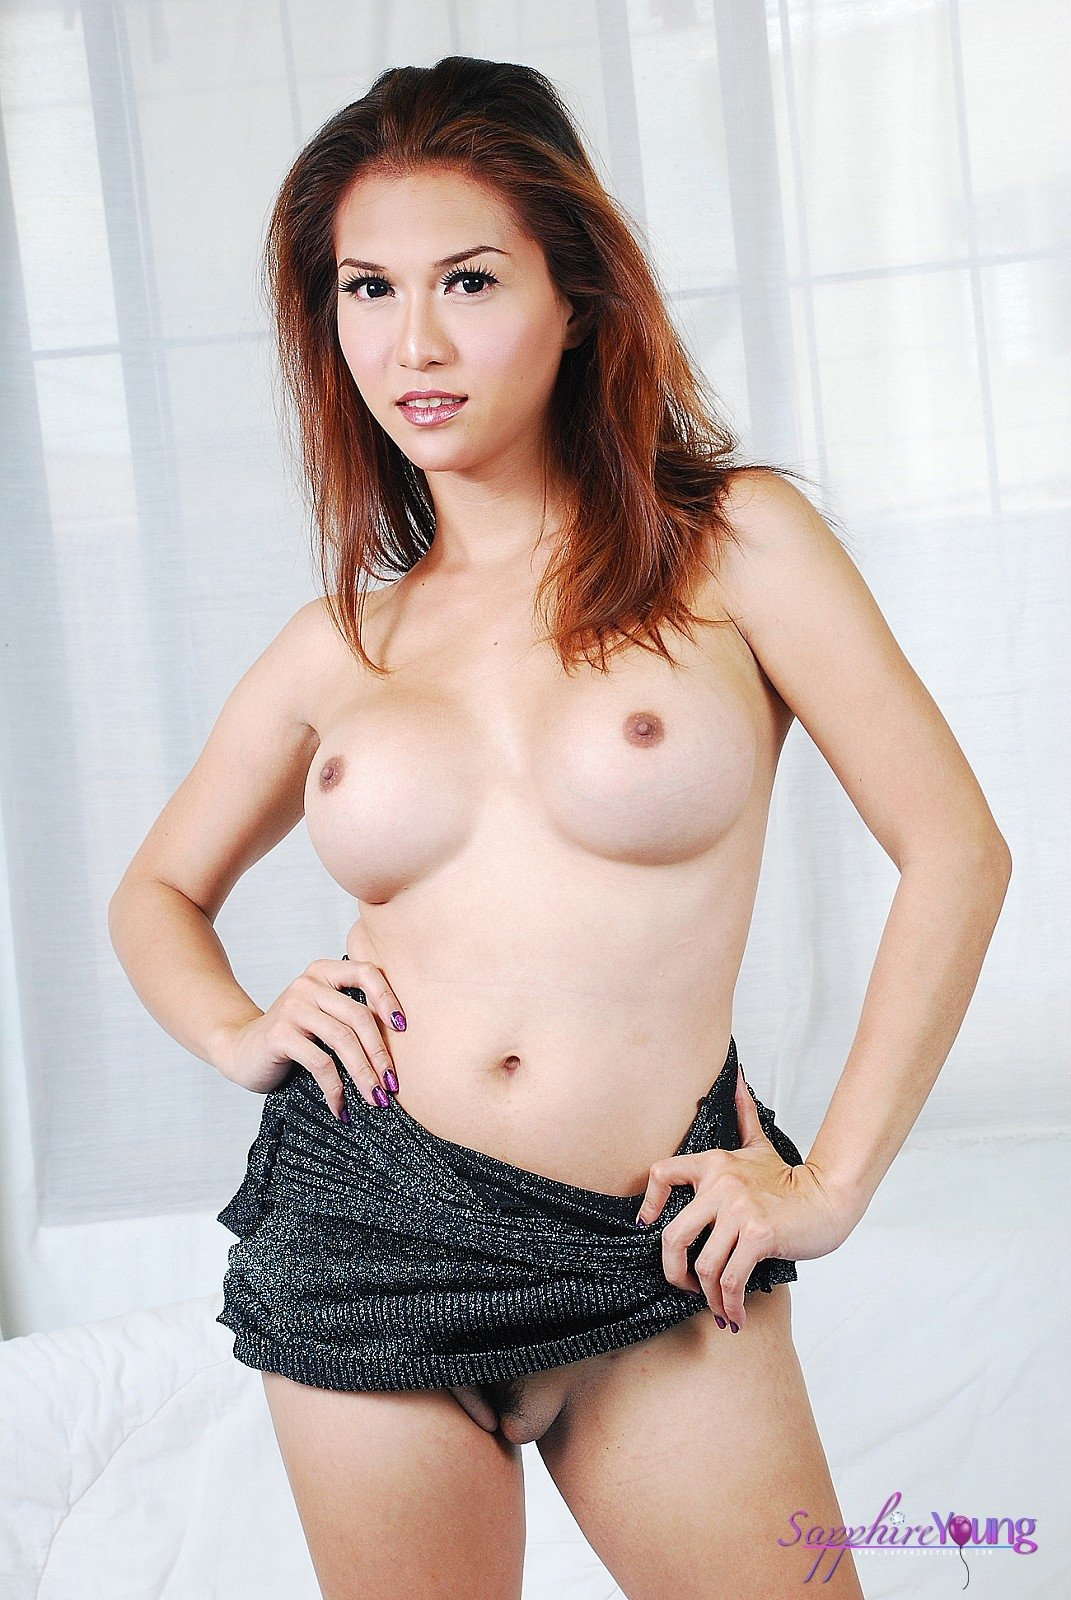 Транссексуал - Фото галерея 948502